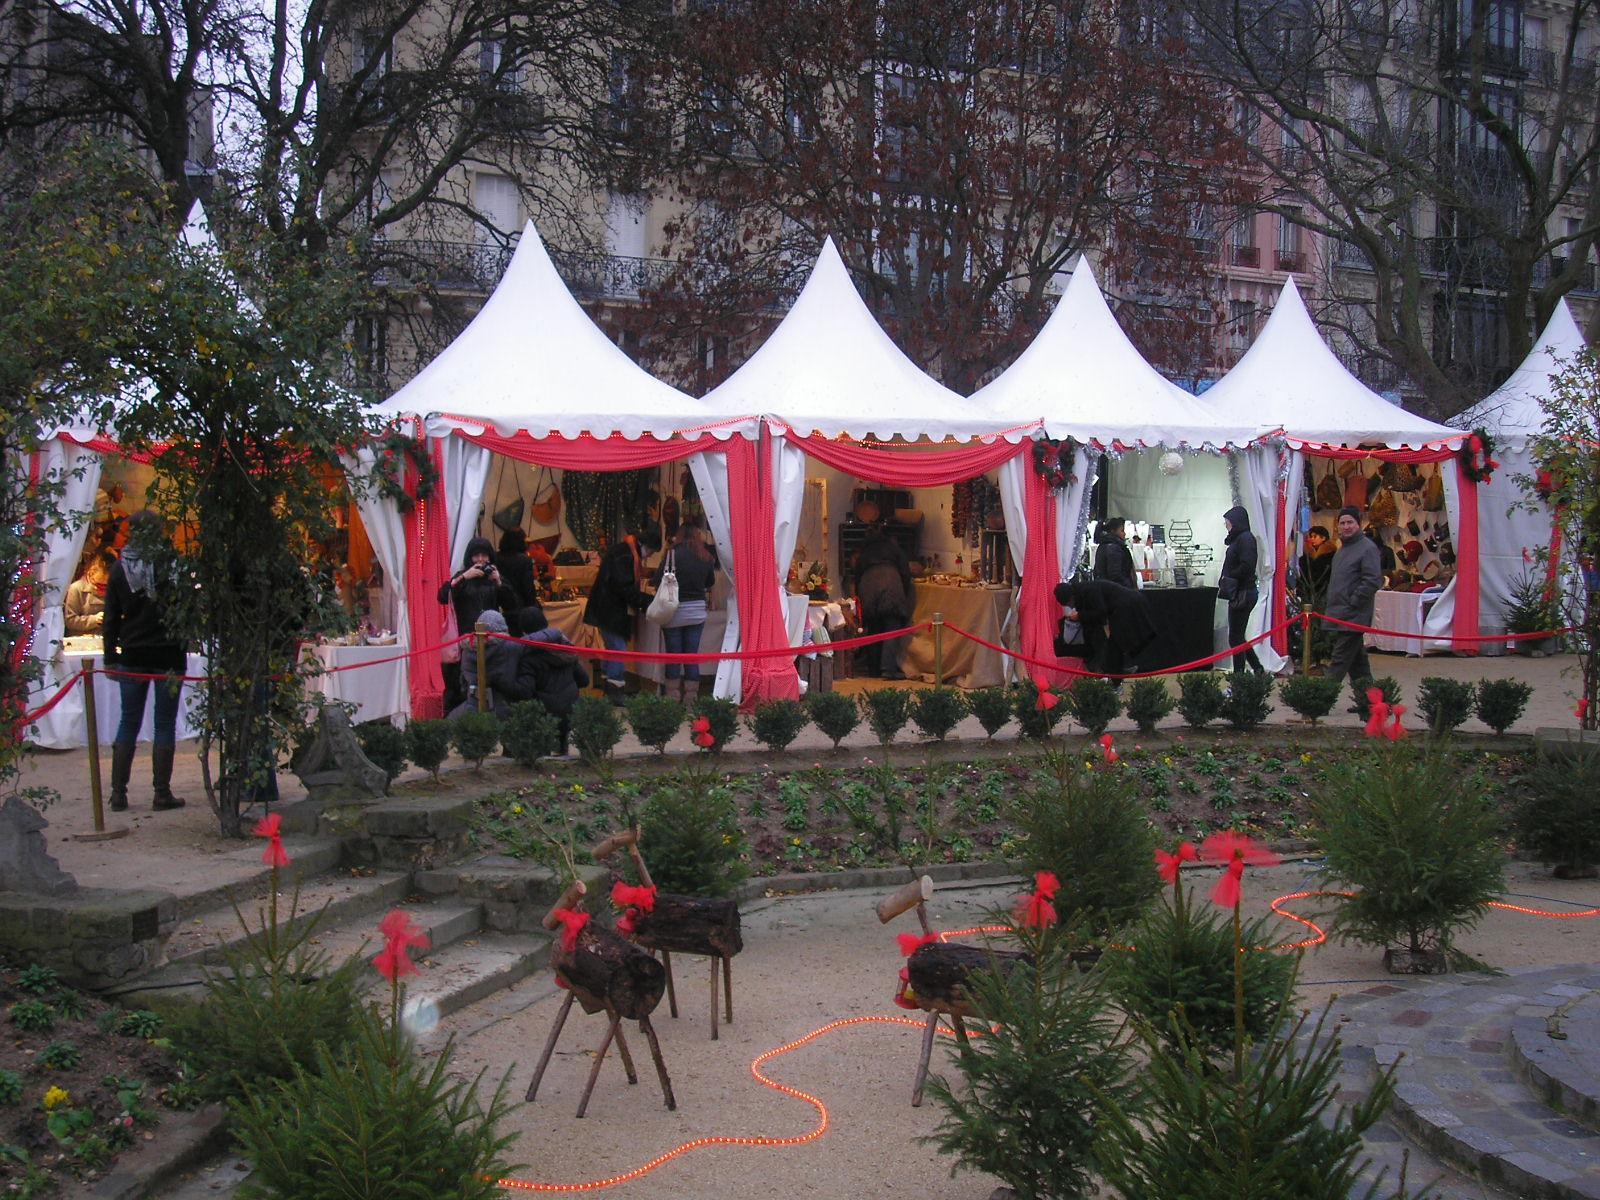 Actualité de odile culié CROC-O-DILE marché artisanal Notre Dame quai Montebello Paris 5°